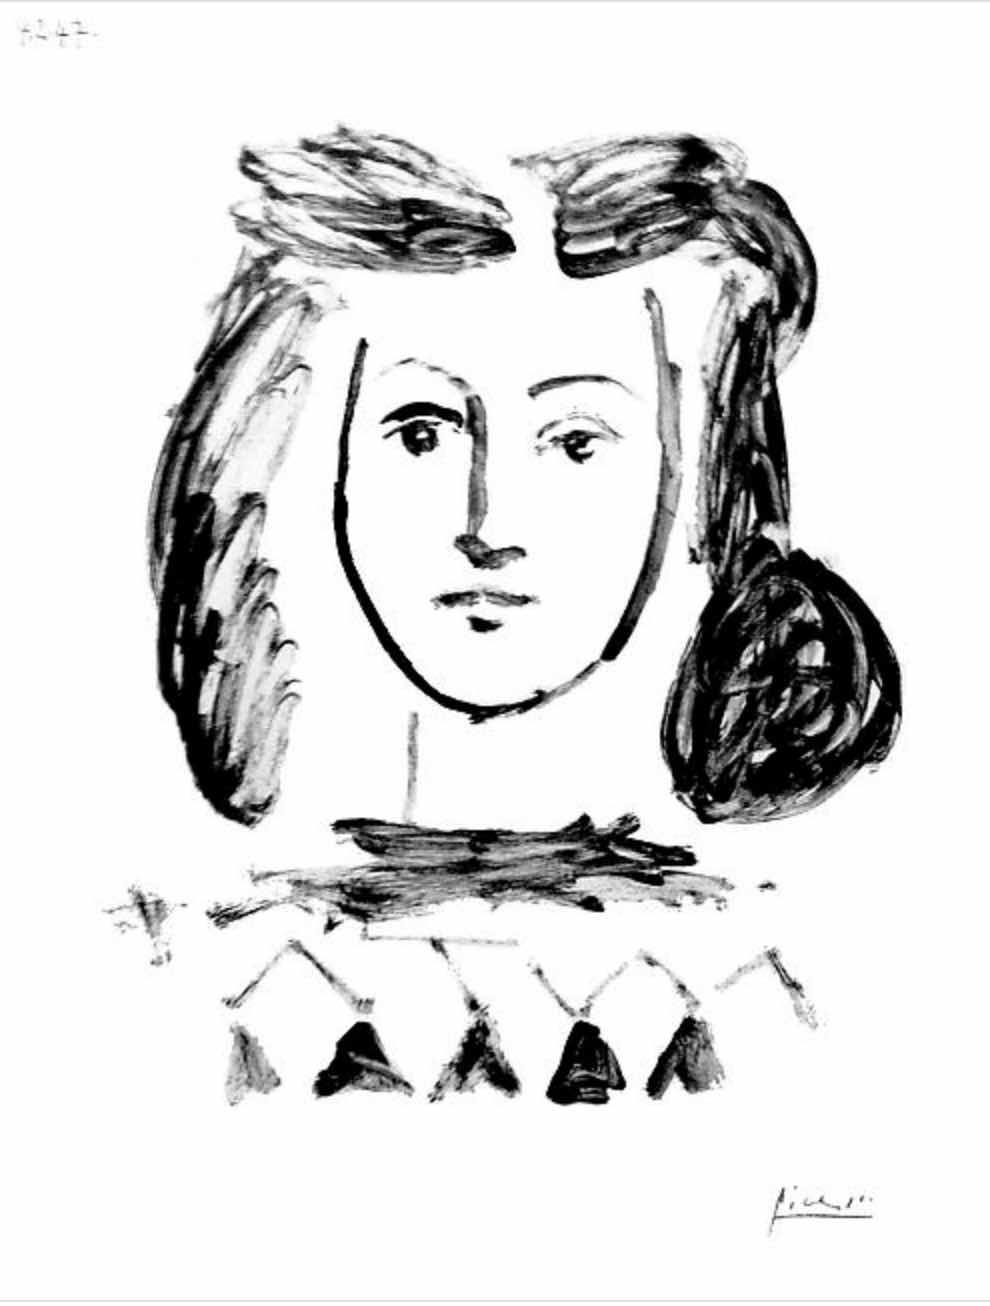 Buste de Jeune Fille by Picasso